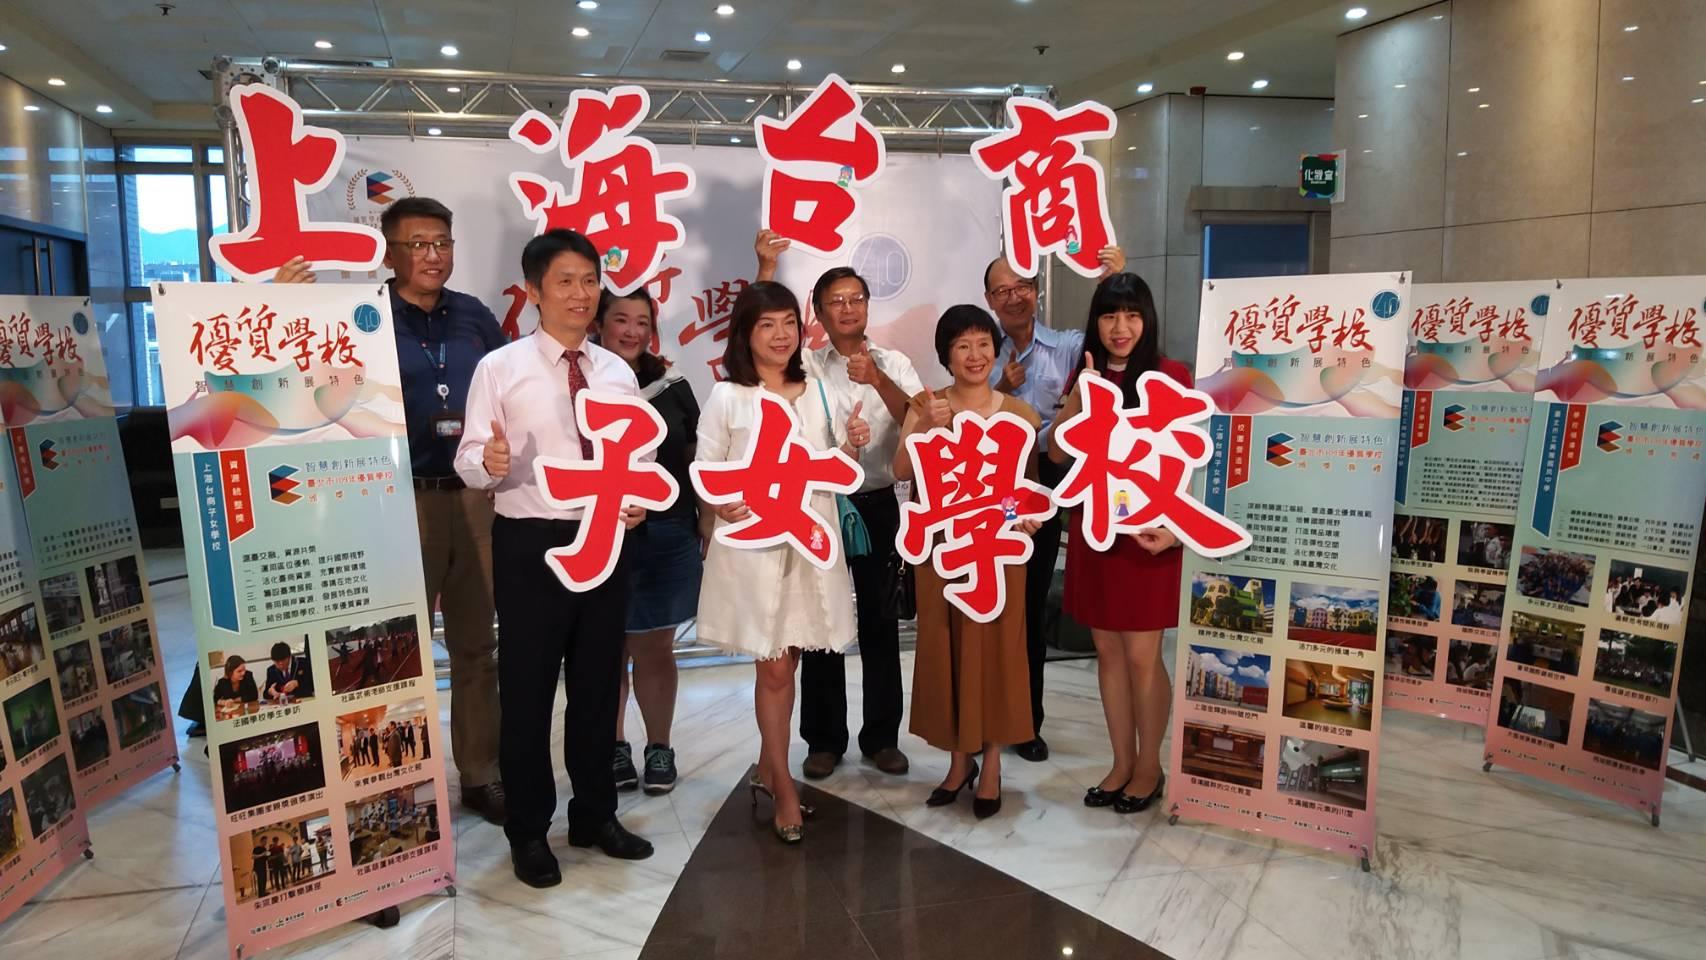 臺北市109年度優質學校頒獎典禮